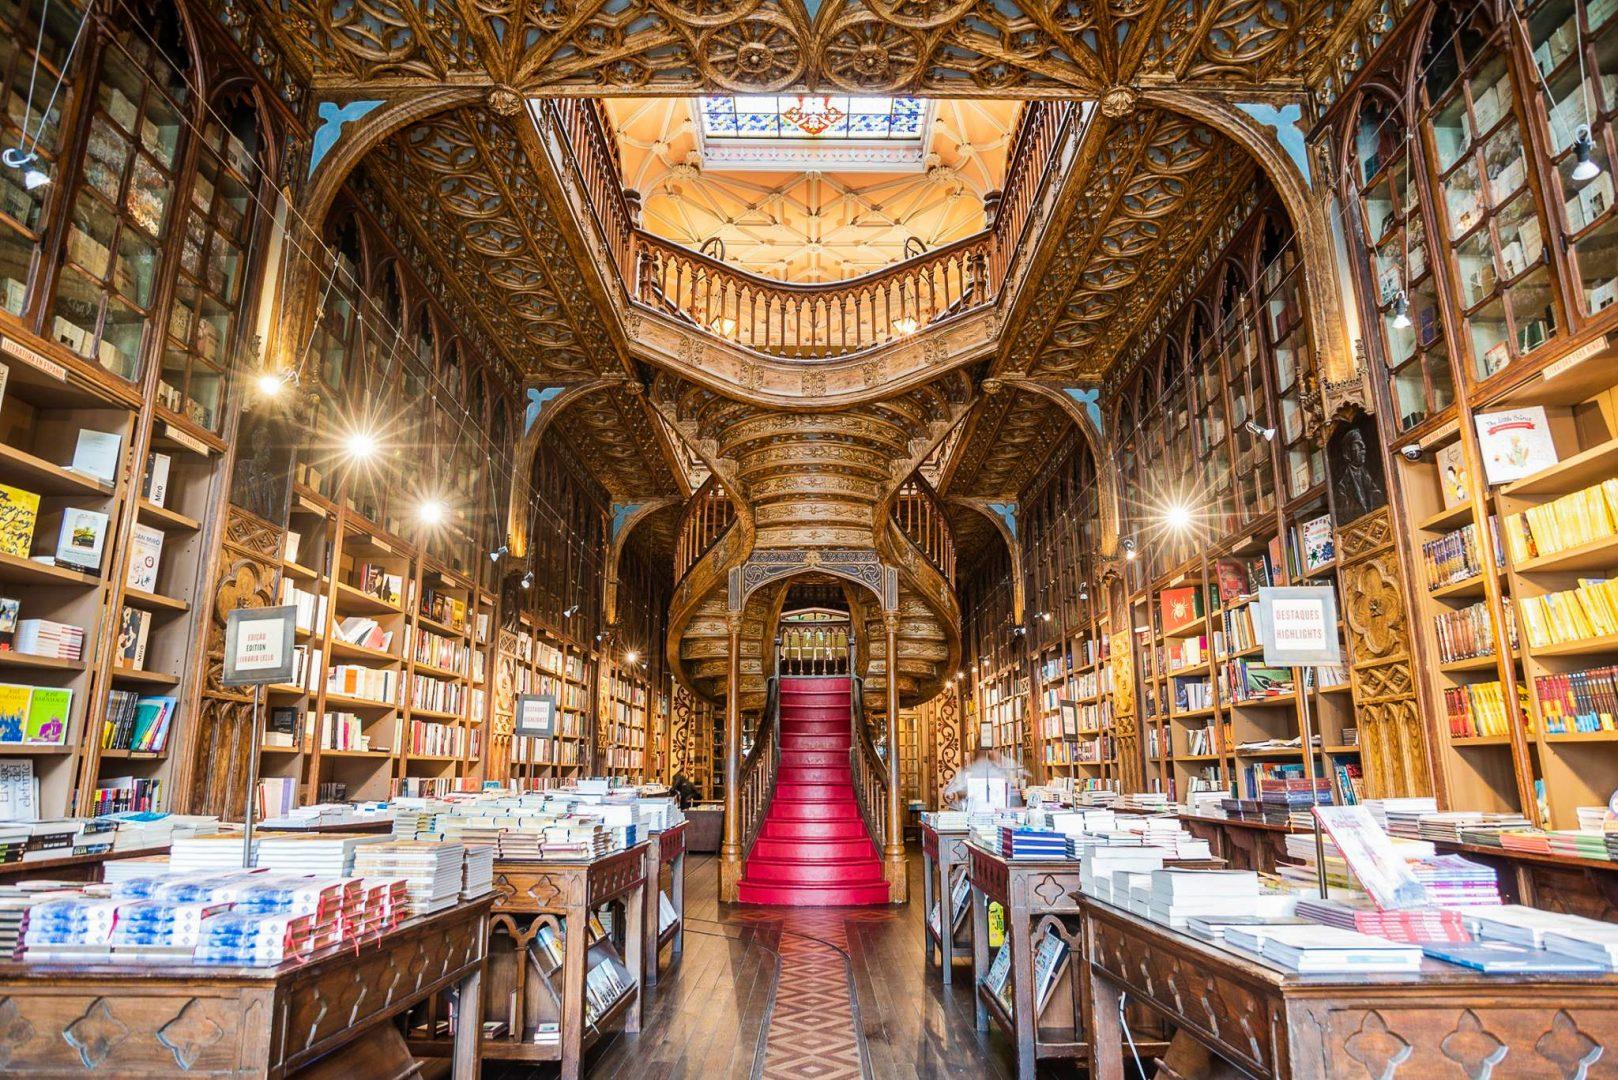 Livraria Lello, Portugal